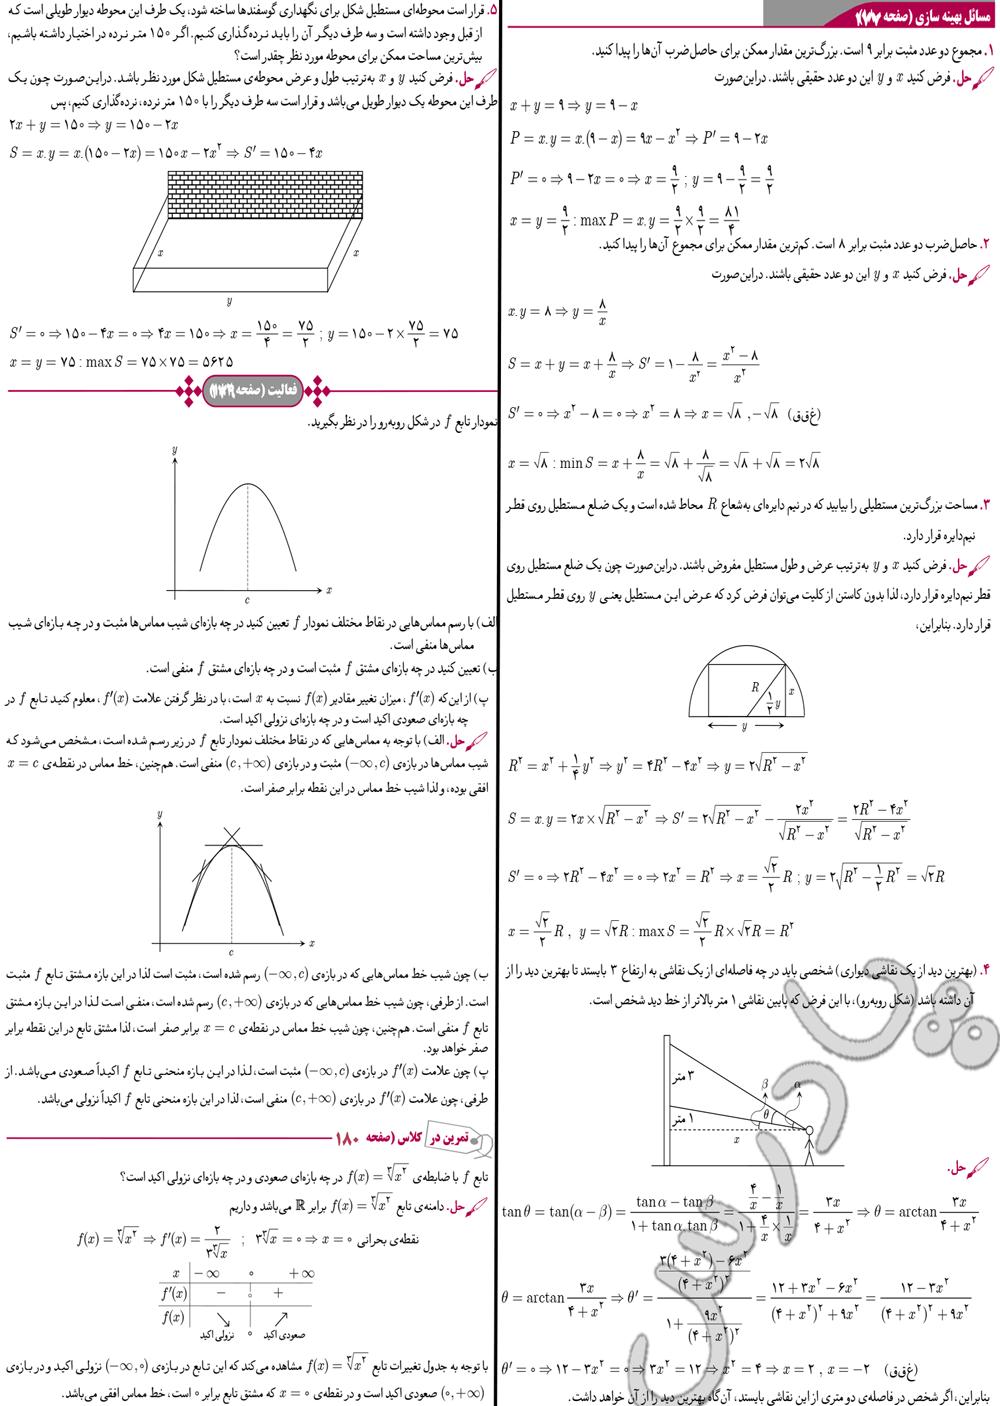 حل سوالات صفحه 177 تا 179 دیفرانسیل پیش دانشگاهی